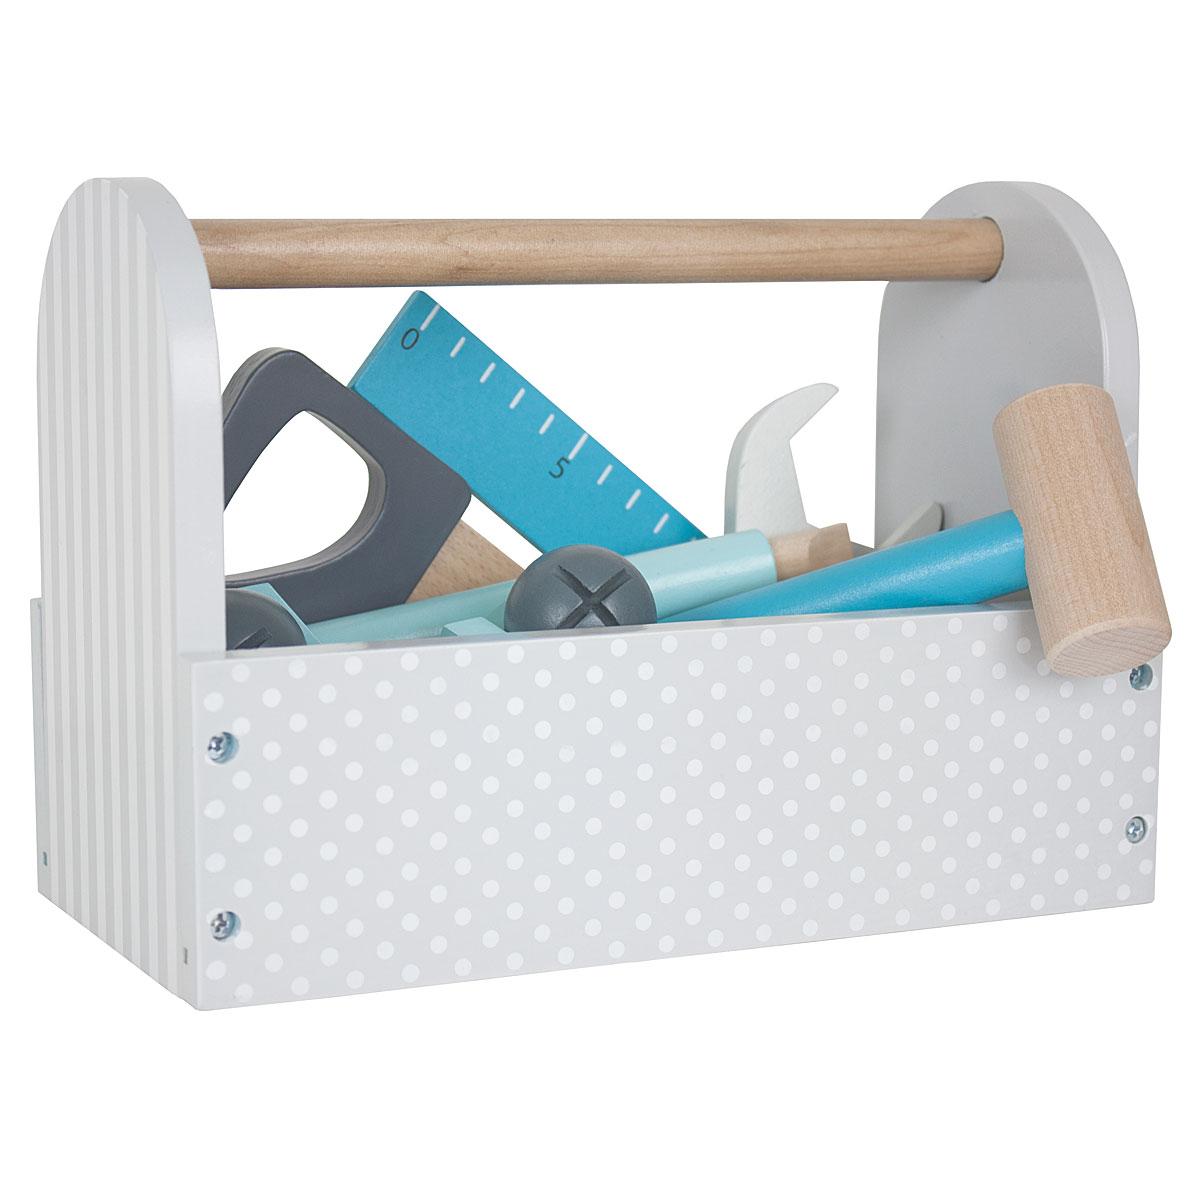 jabadabado werkzeugkiste aus holz für kinder - grau - w7105